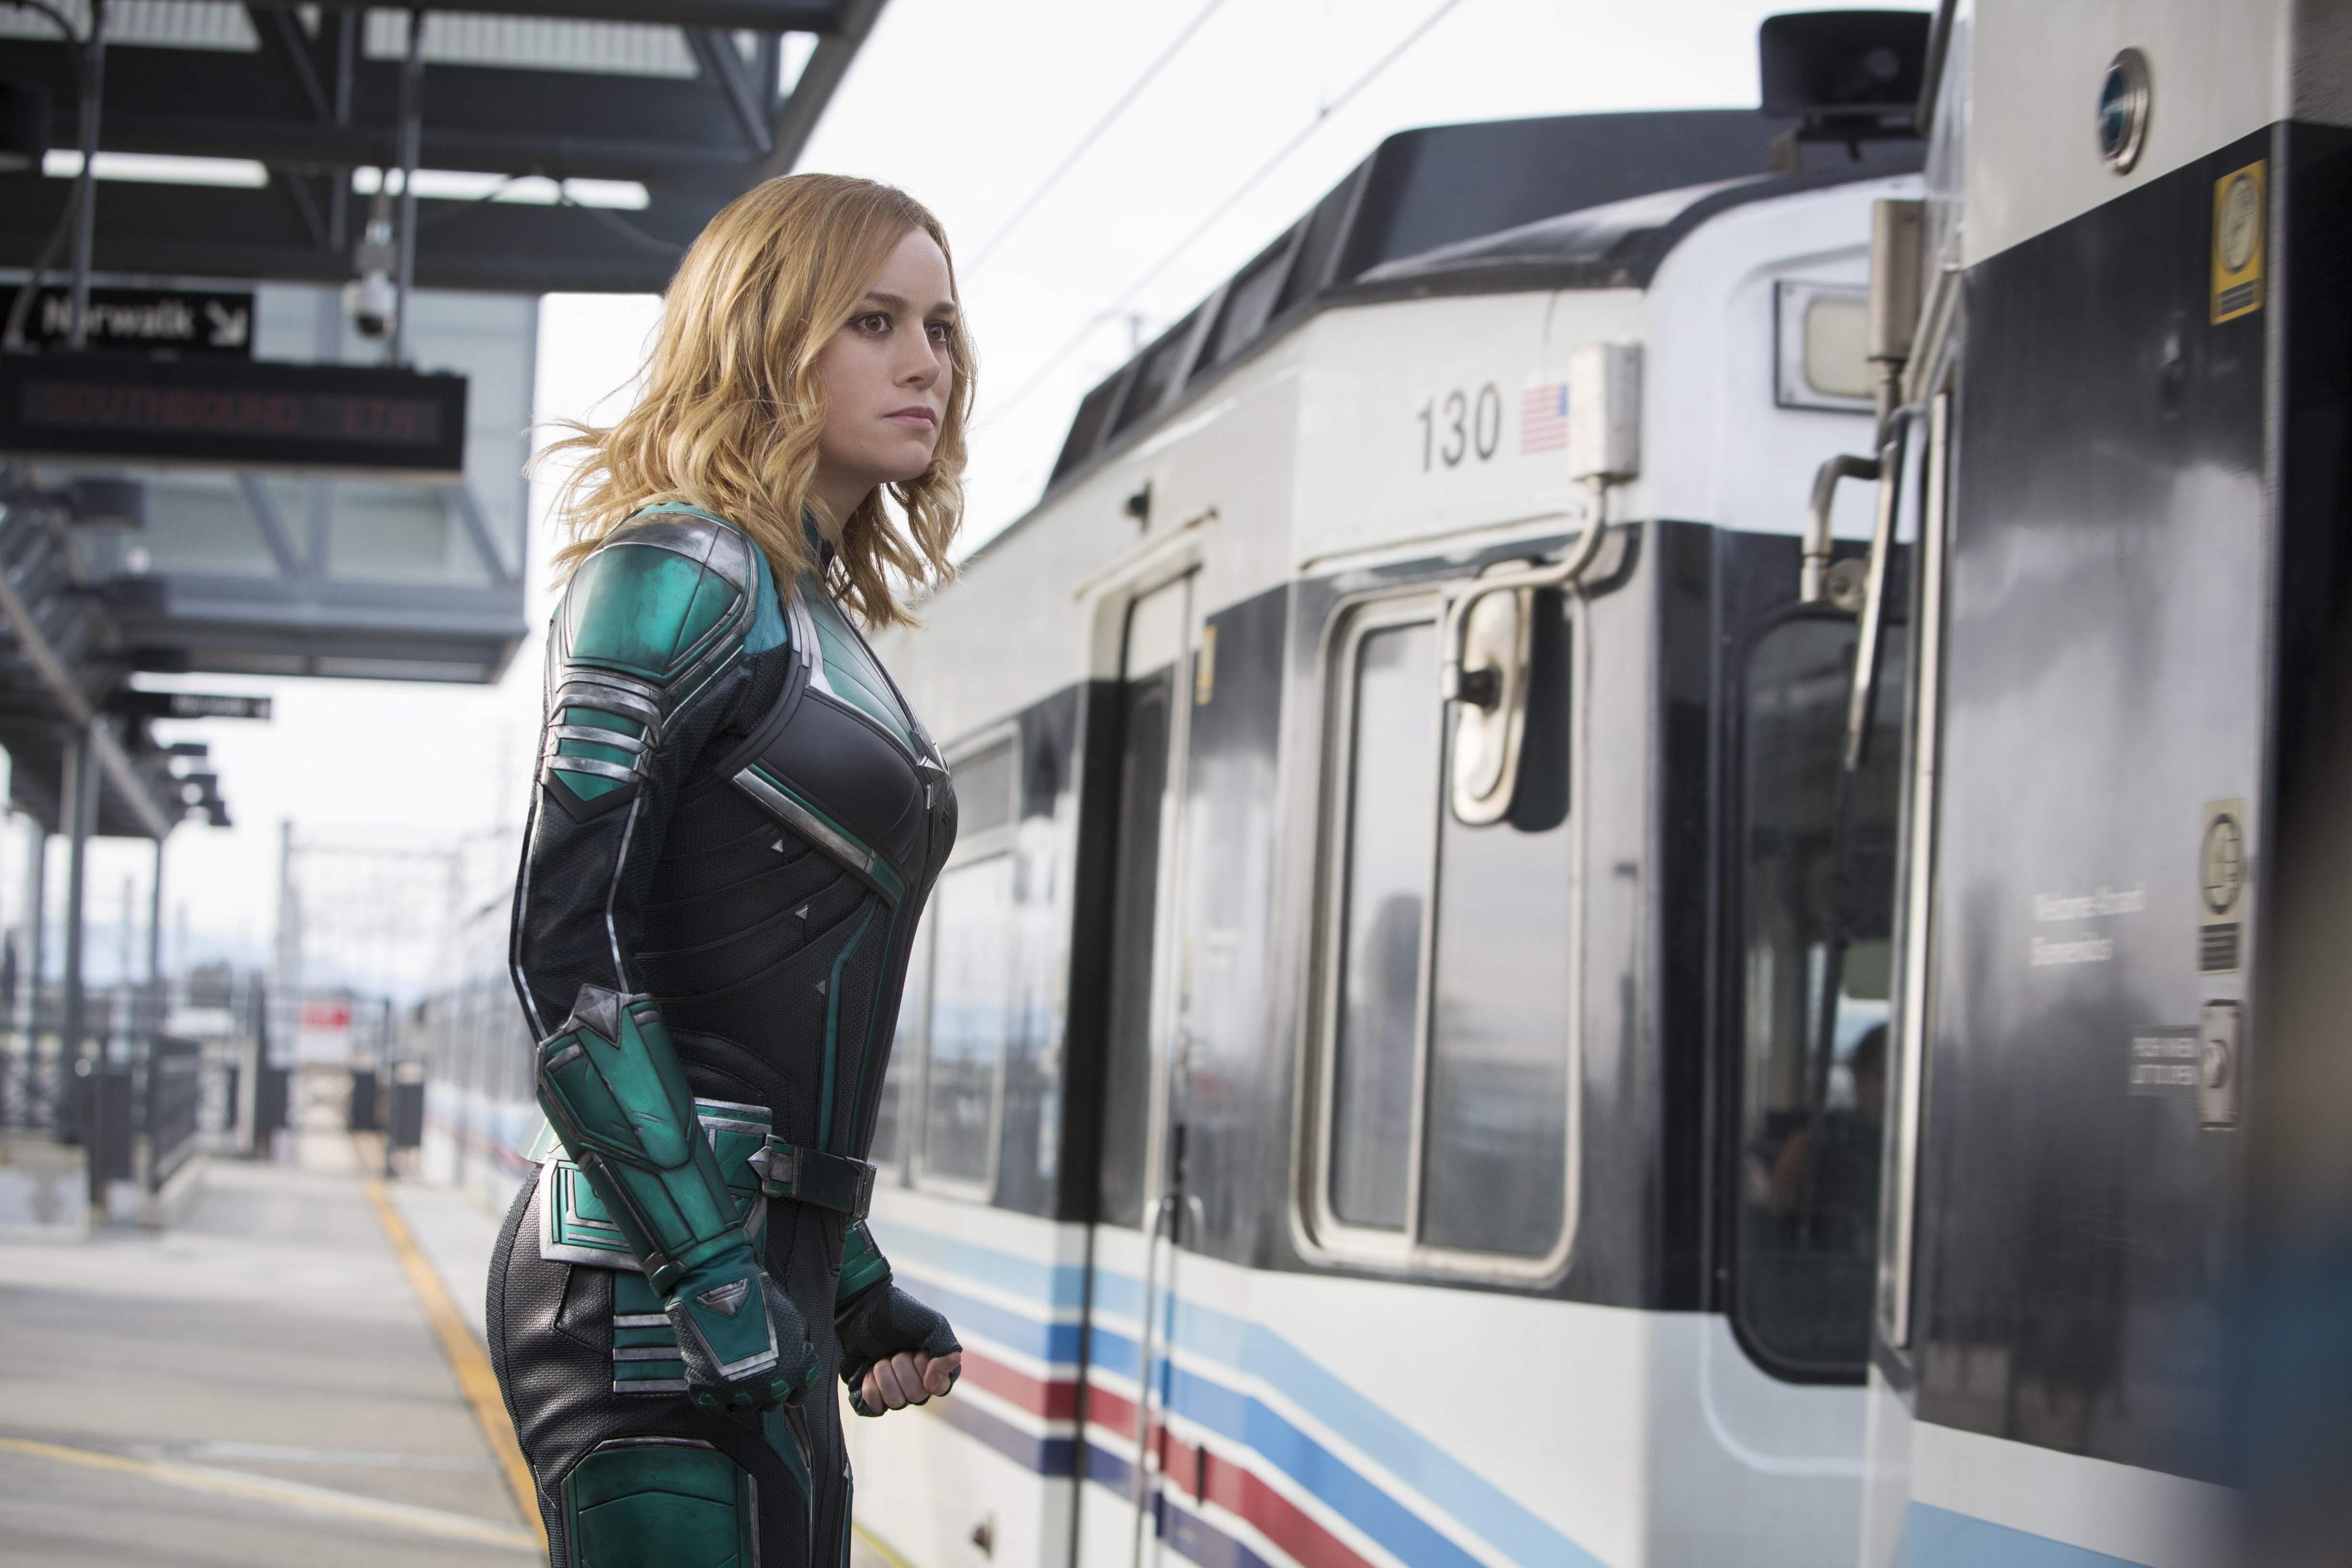 Captain Marvel will air new footage on ESPN : ディズニー・マーベルの戦うヒロイン映画「キャプテン・マーベル」が、新年早々にお年玉映像をオンエア ! !